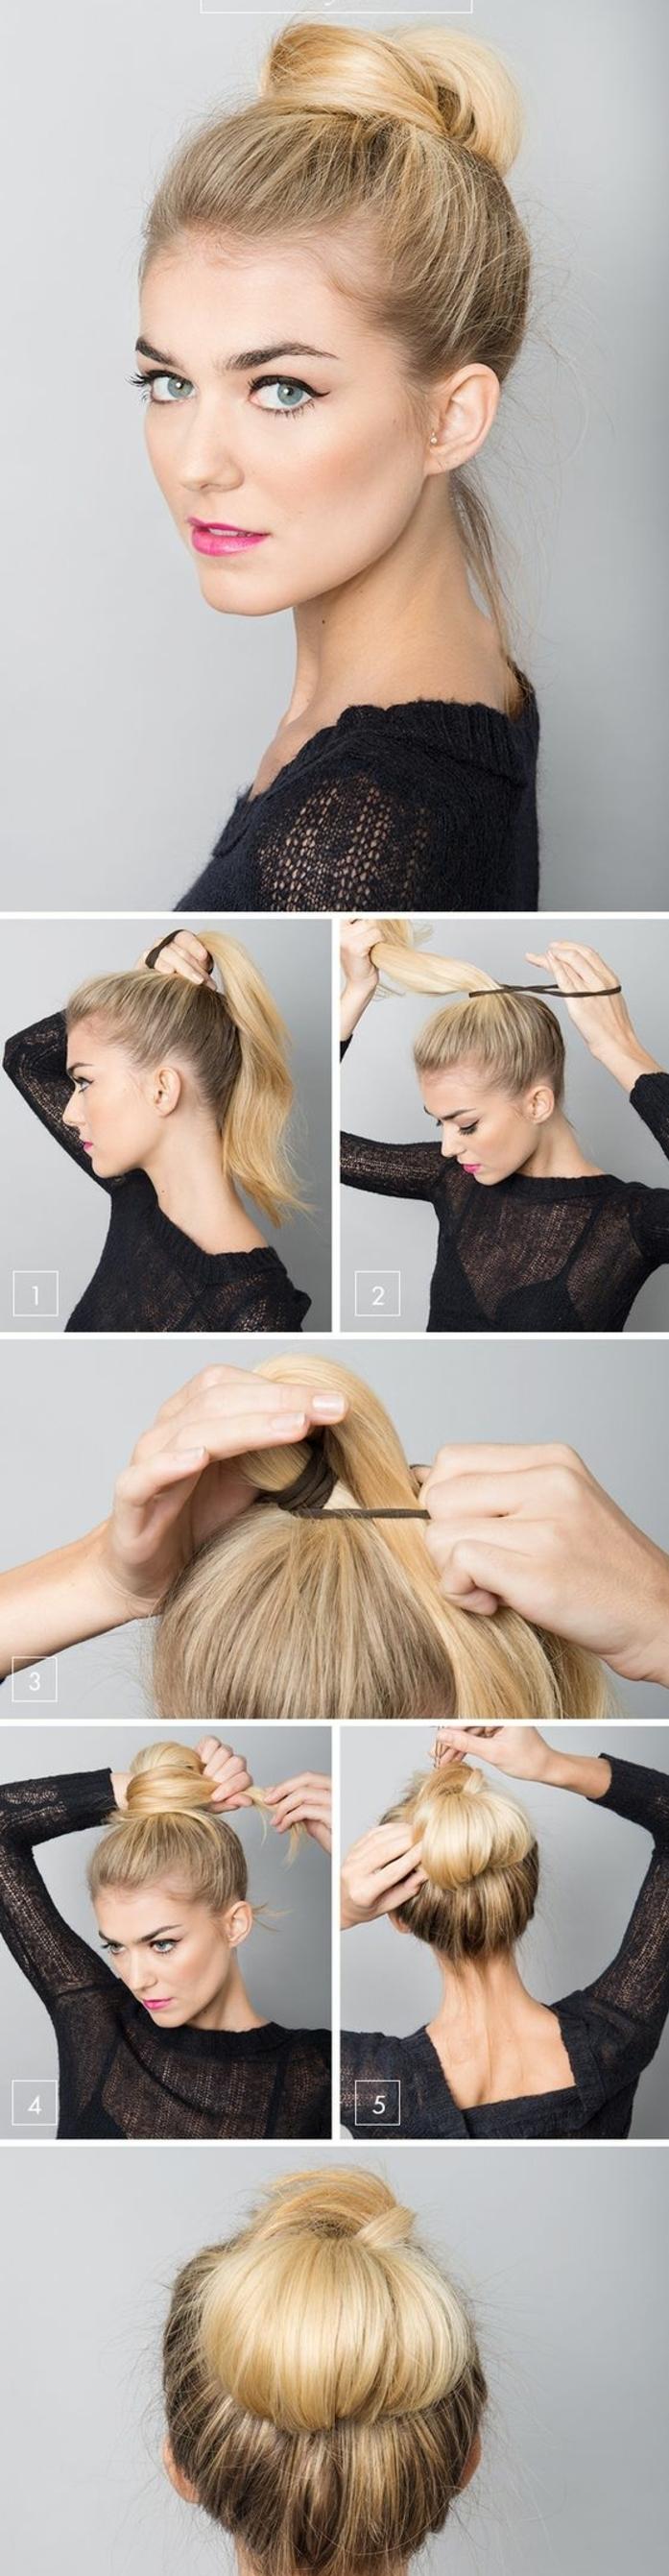 chignon-facile-a-faire-tuto-chignon-facile-cheveux-longs